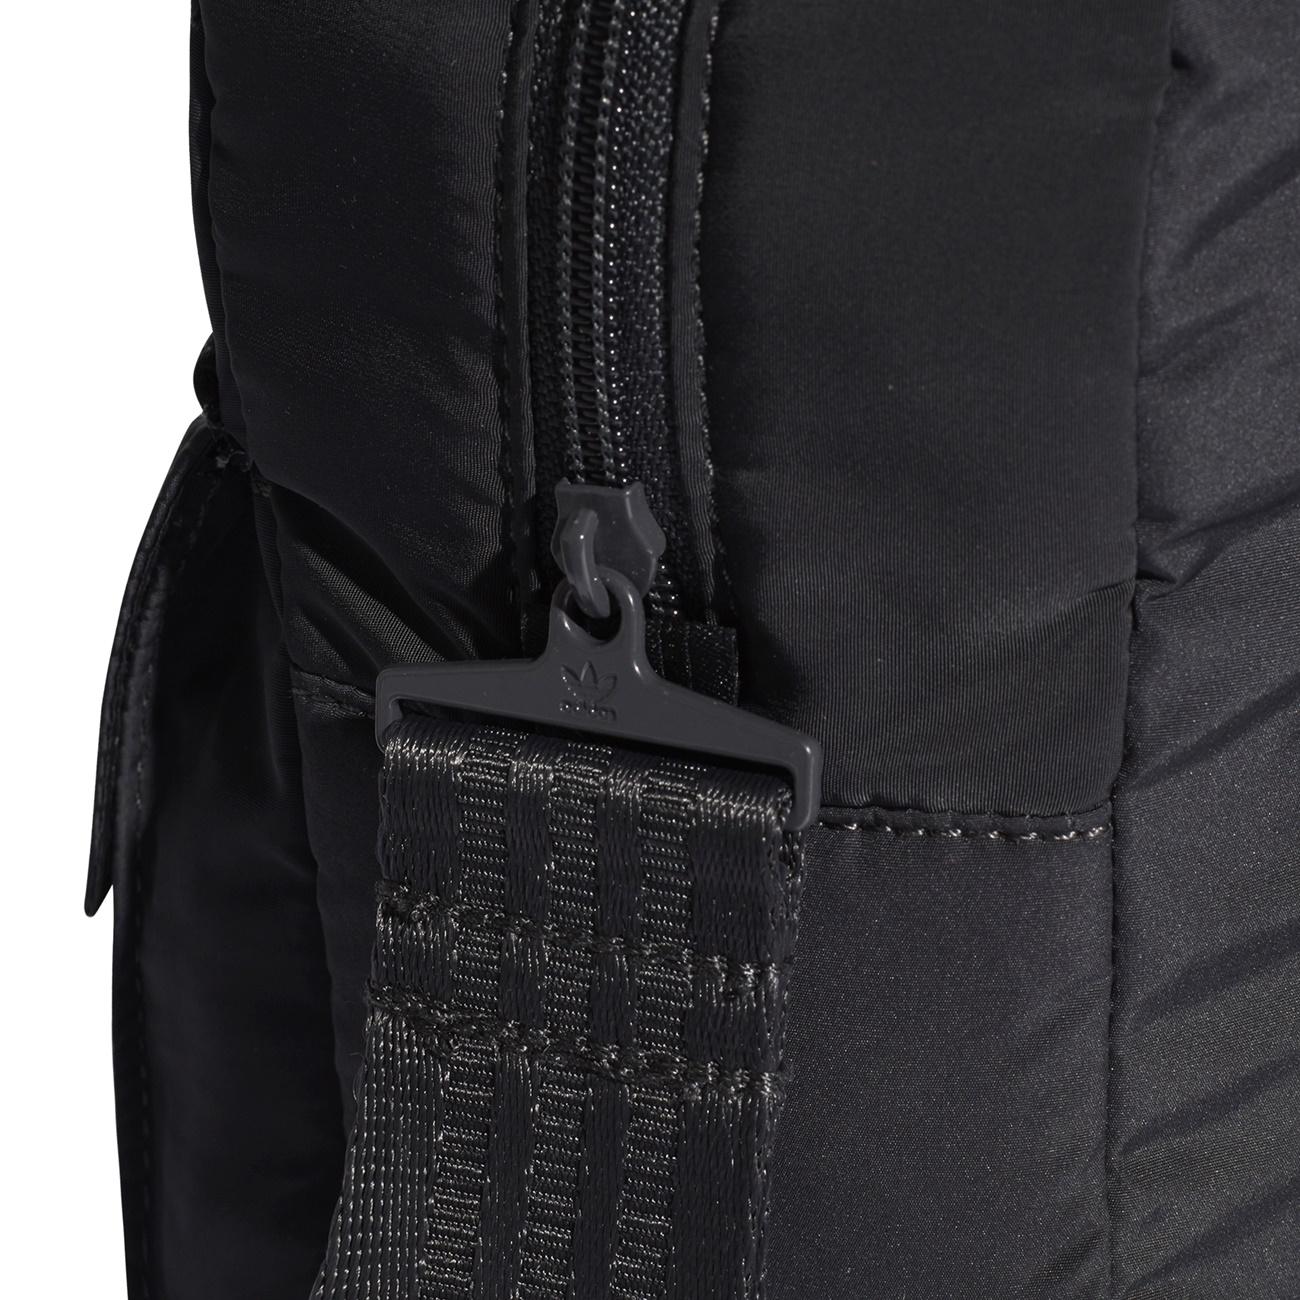 ... Adidas Originals Backpack Classic X Mini Vintage, ... 9b577cbe7c